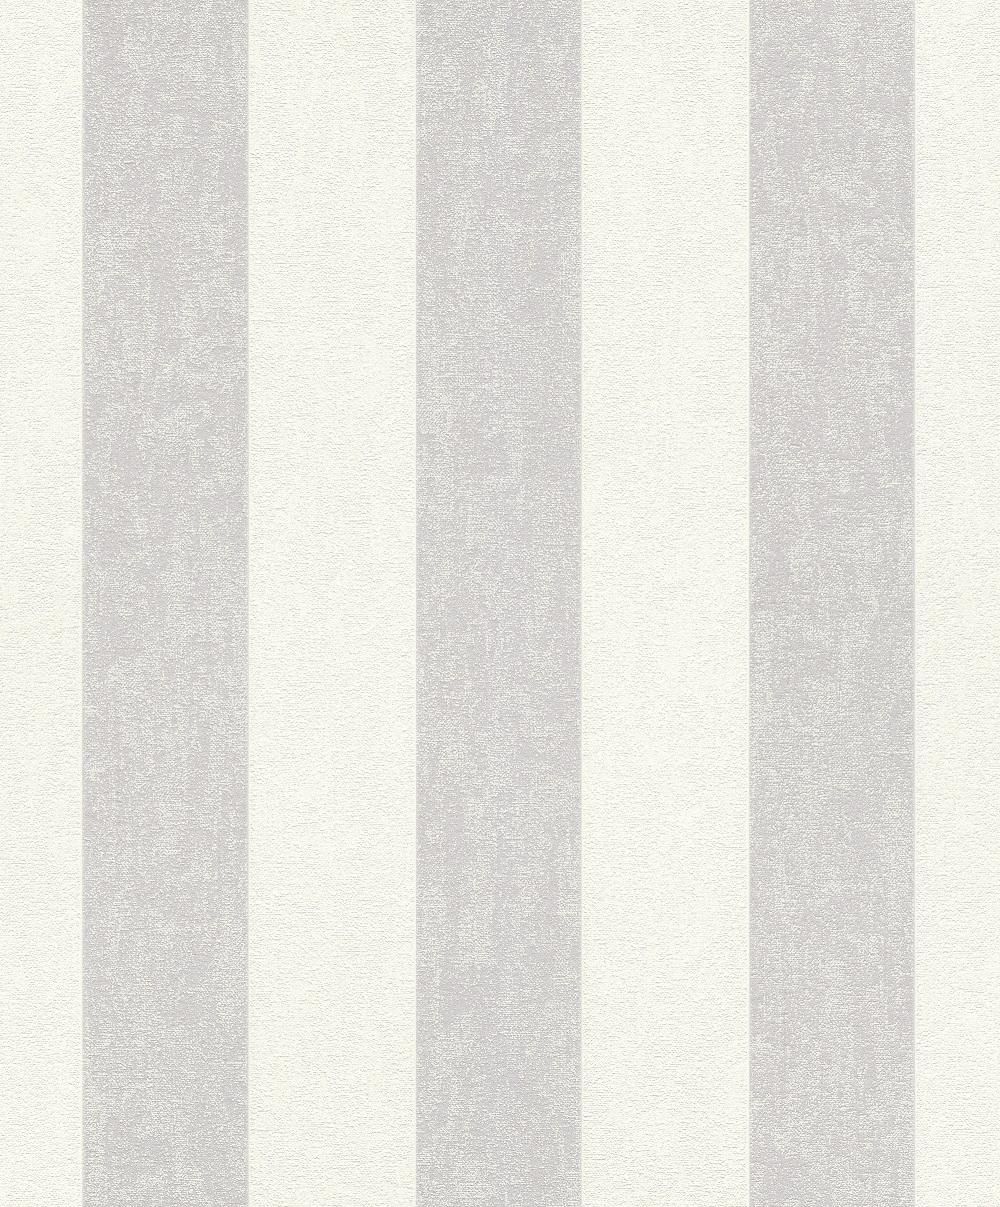 Vliestapete blockstreifen grau wei rasch 402919 - Wandbilder grau weiss ...